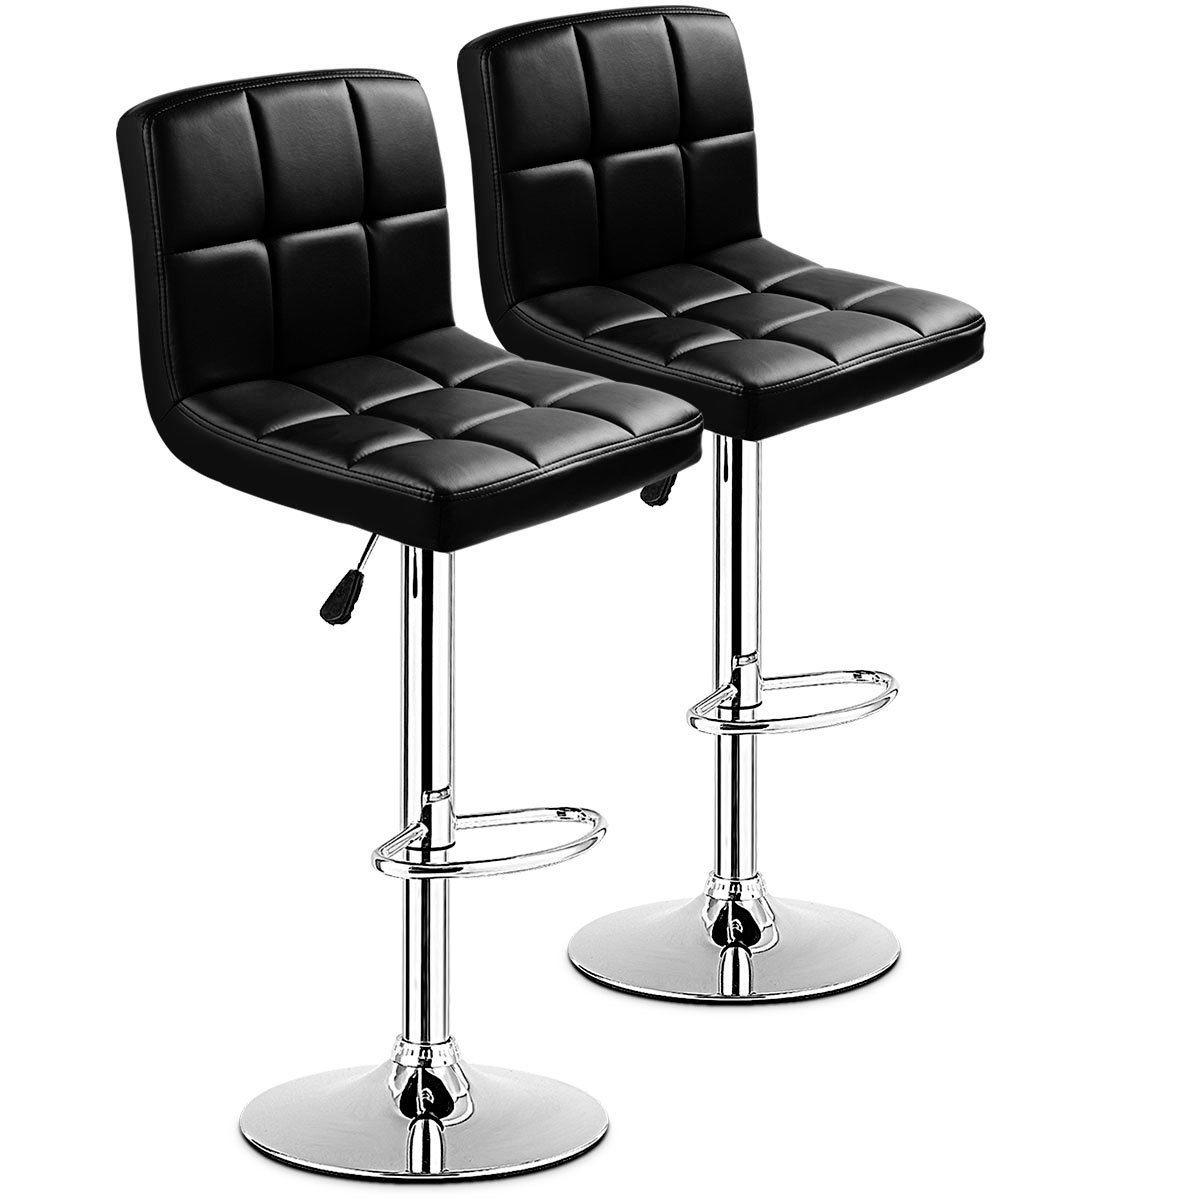 Set Of 2 Bar Stools PU Leather Adjustable Barstool Swivel Pub Chairs Black